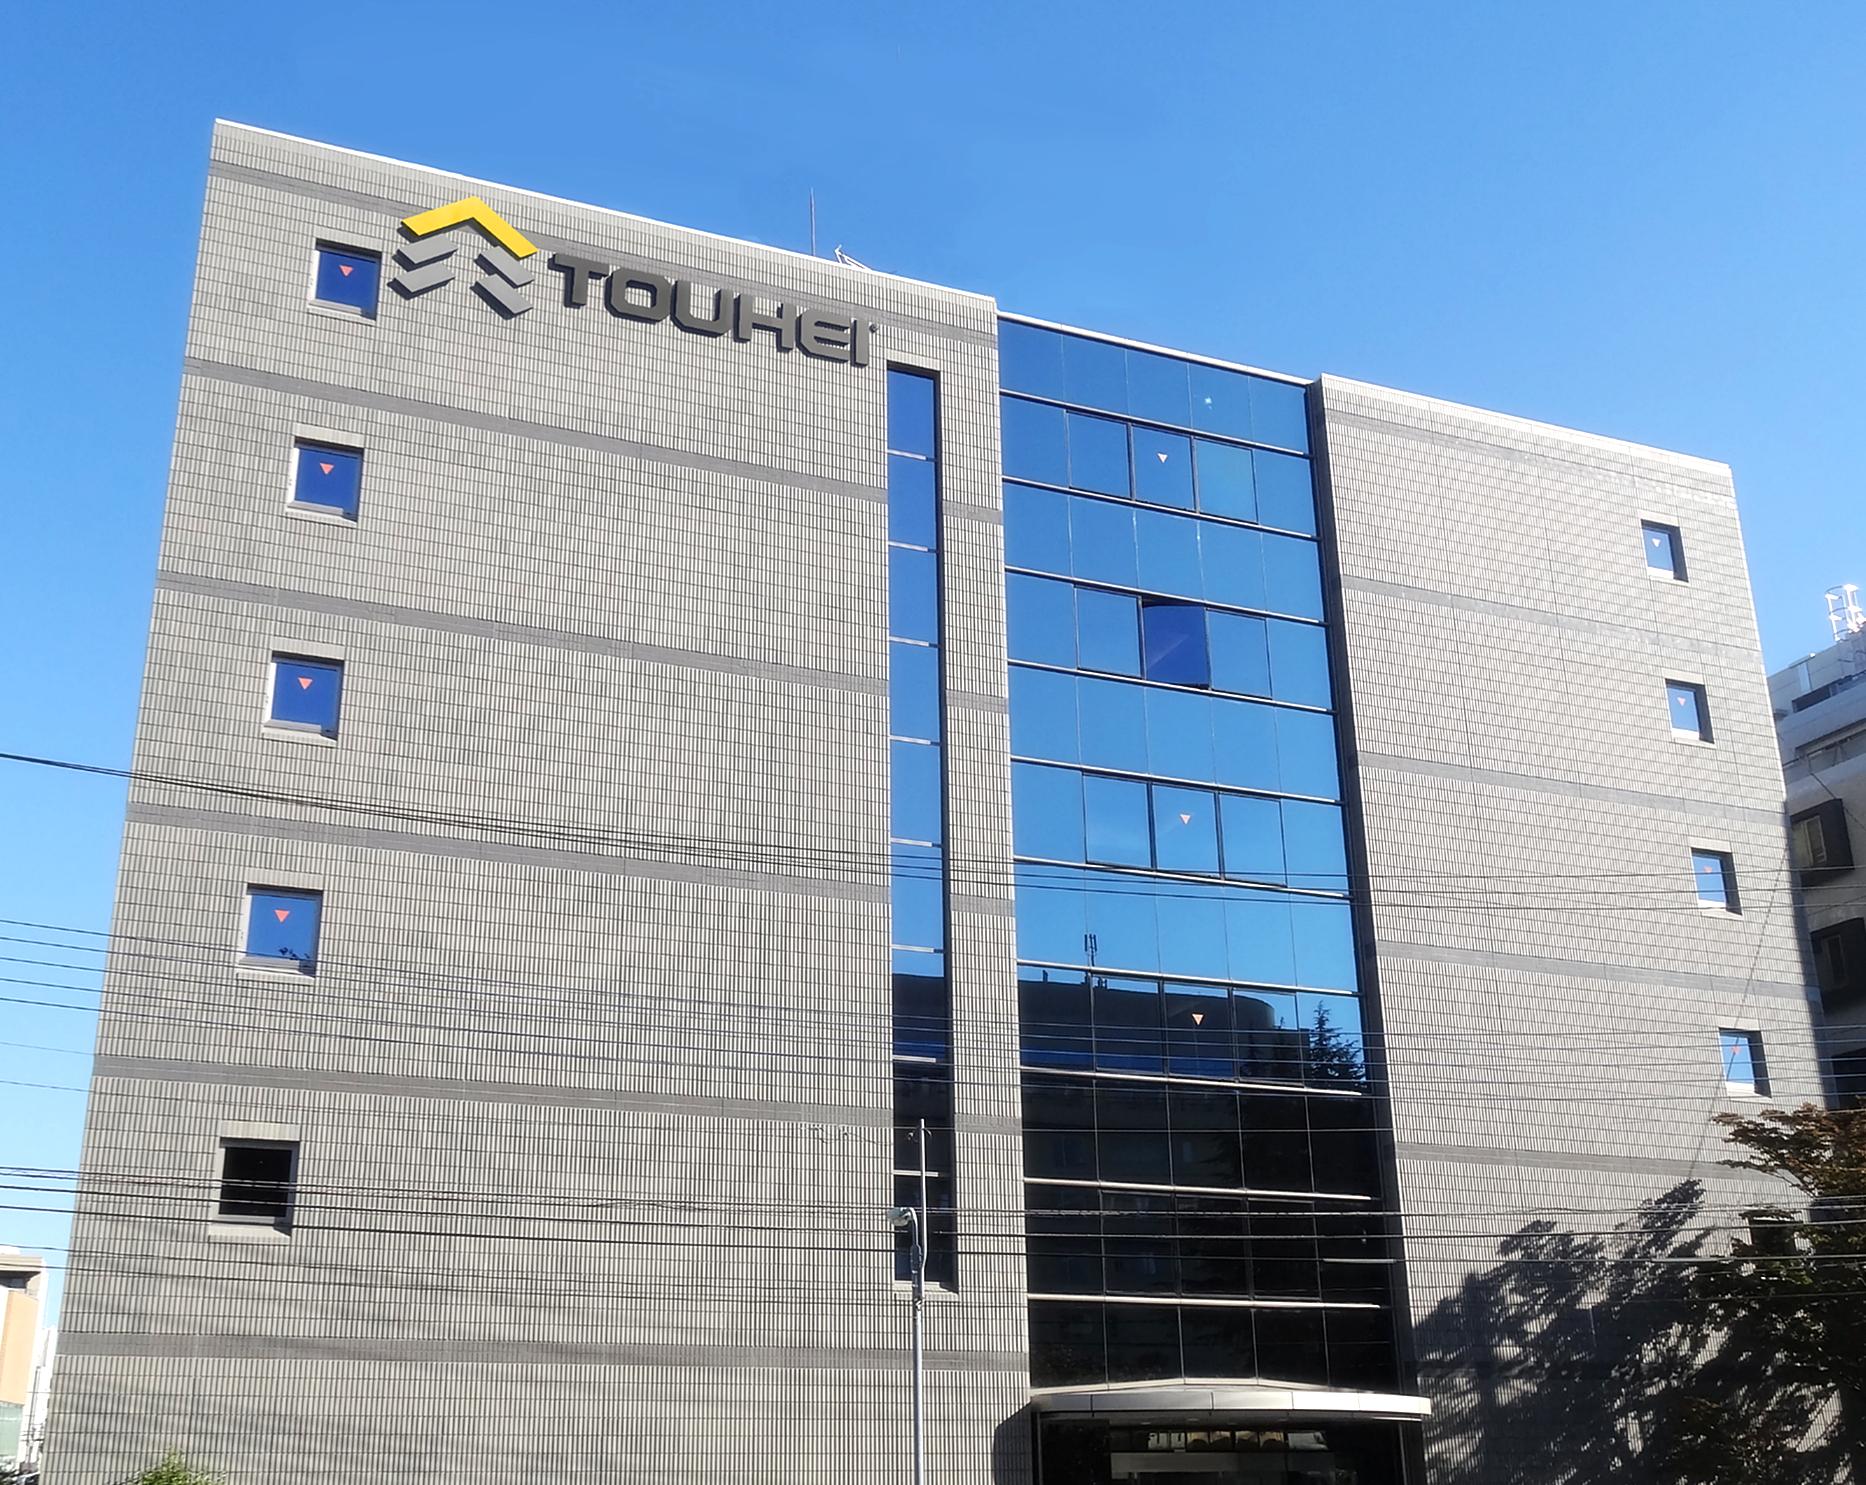 touhei_building.jpg